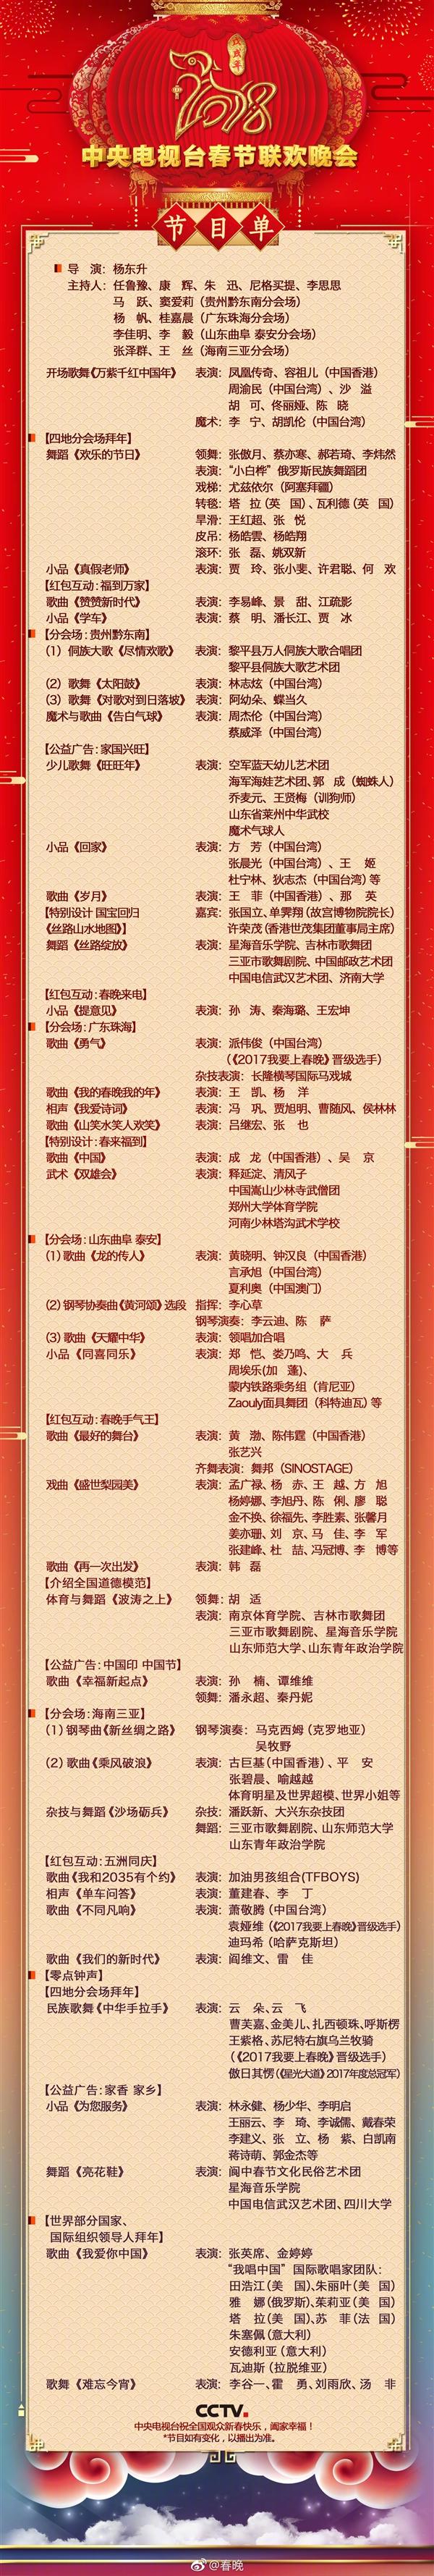 2018央视狗年春晚完整节目单公布:语言类节目井喷